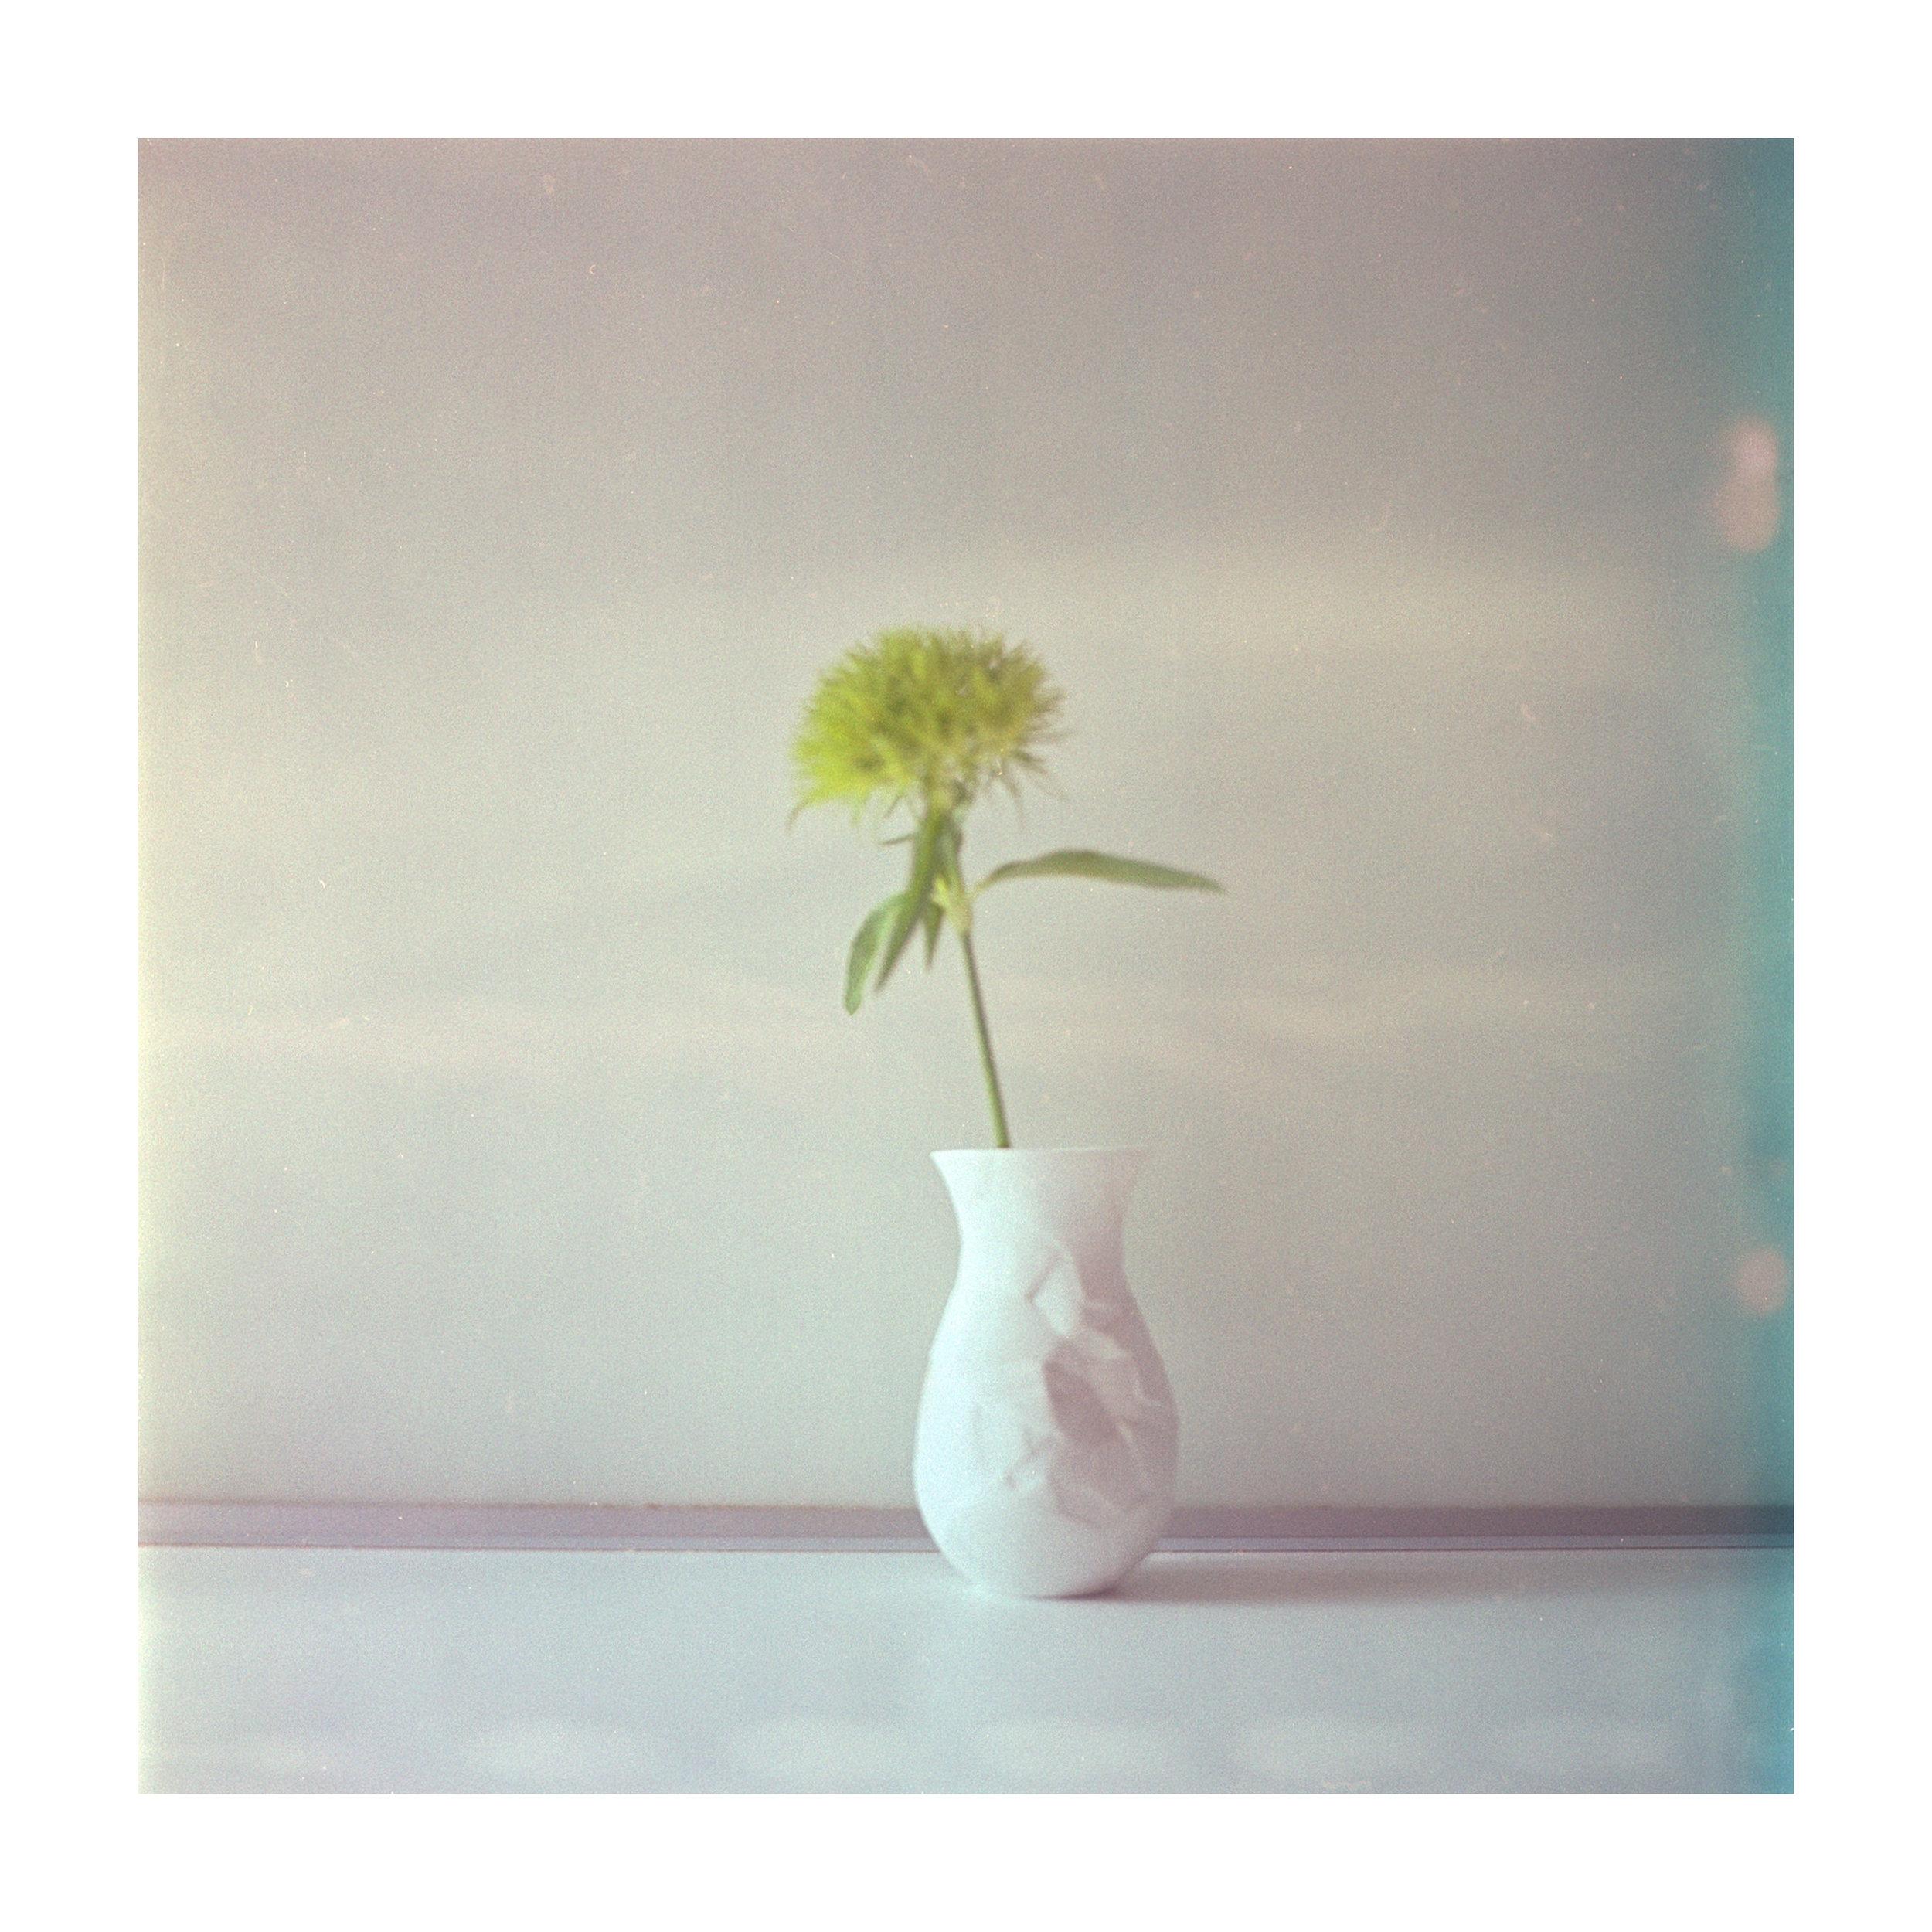 3 Fuji Reala analog georg schmidt photography rolleiflex sl 66-fotografie auf film von georg schmidt.jpg